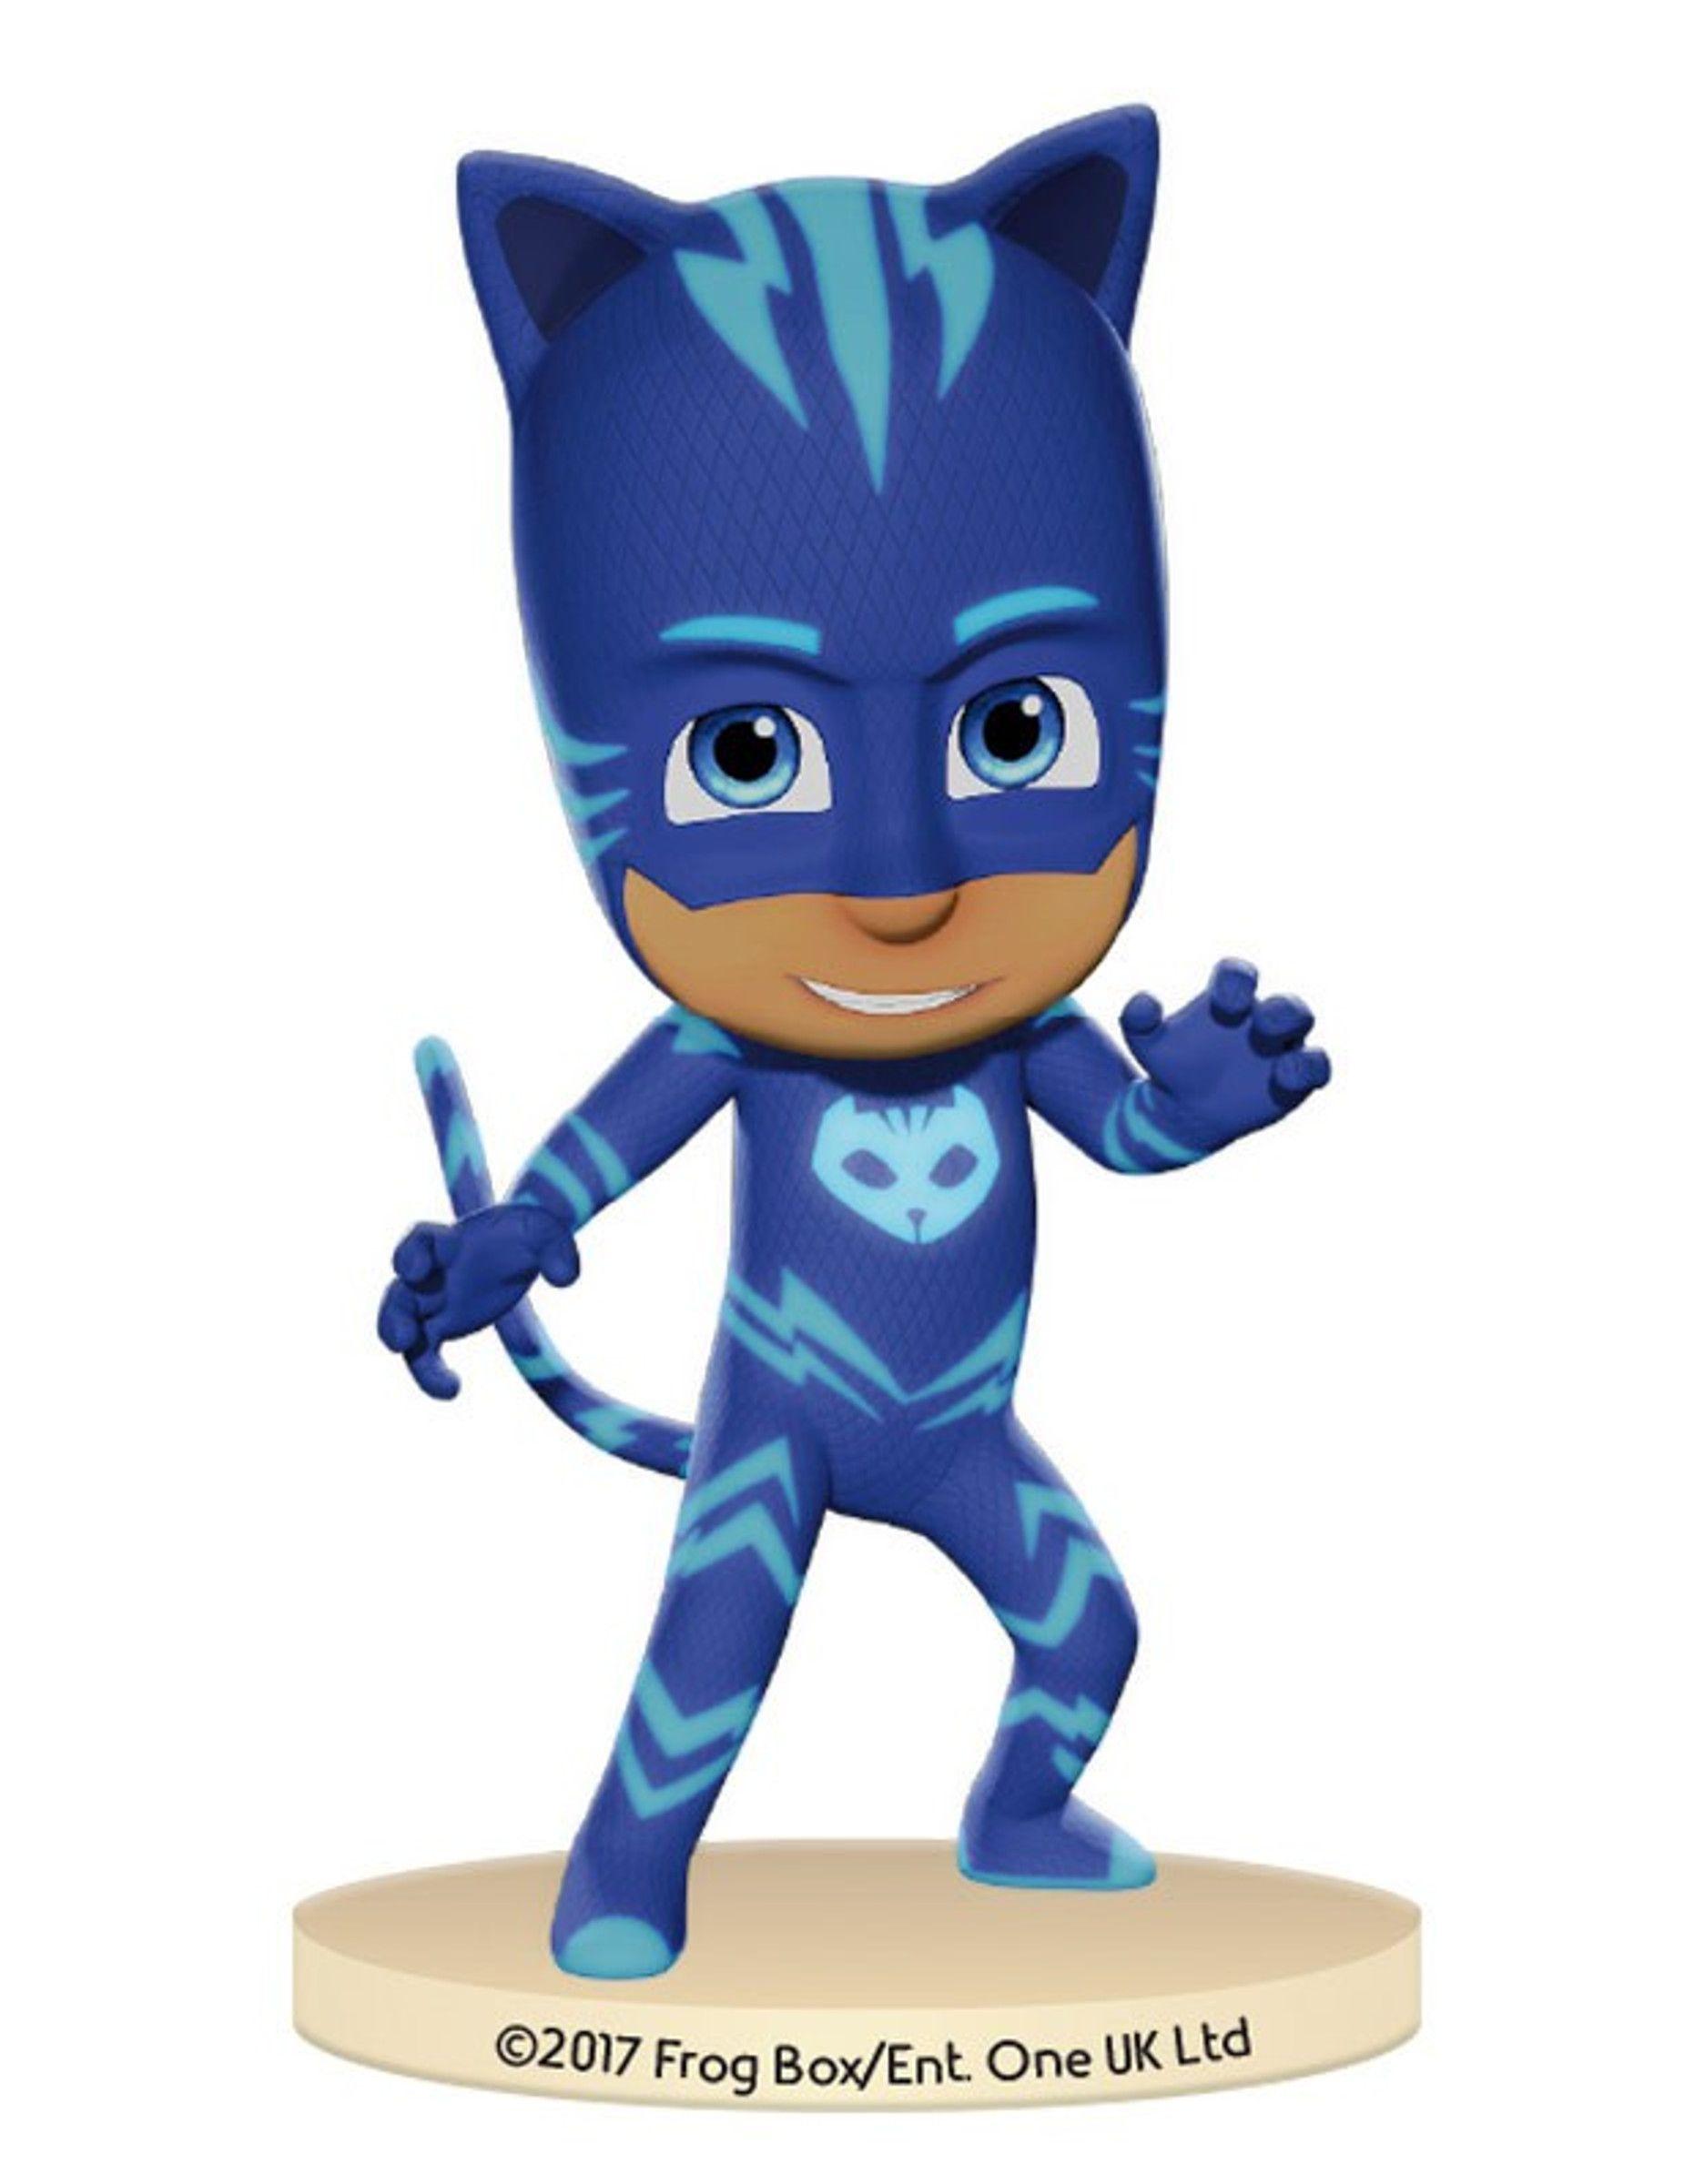 Catboy pj masks figurine blue costumes pj mask figurines